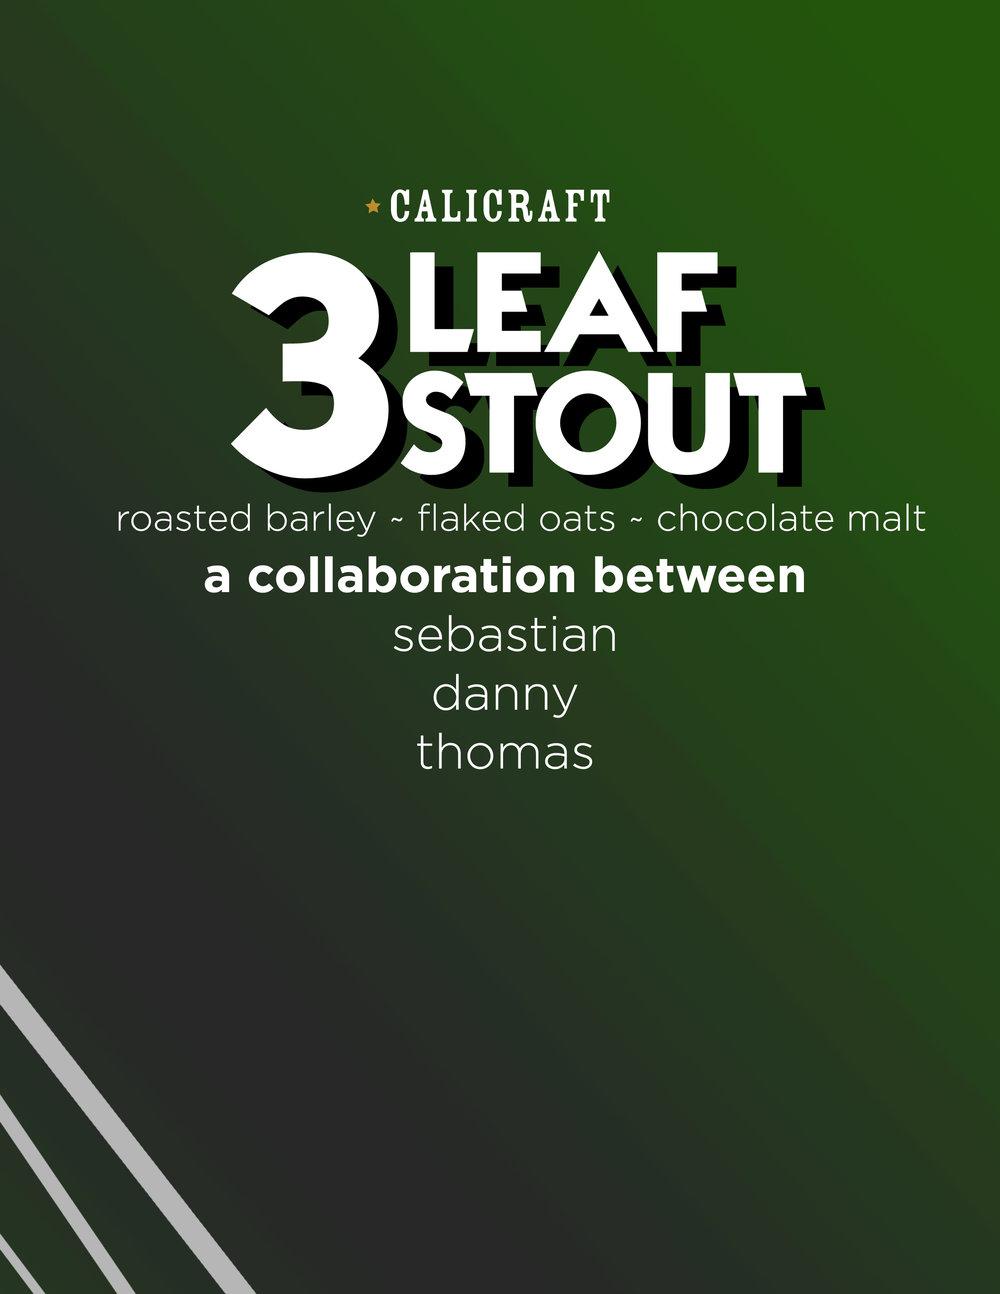 3 leaf.jpg